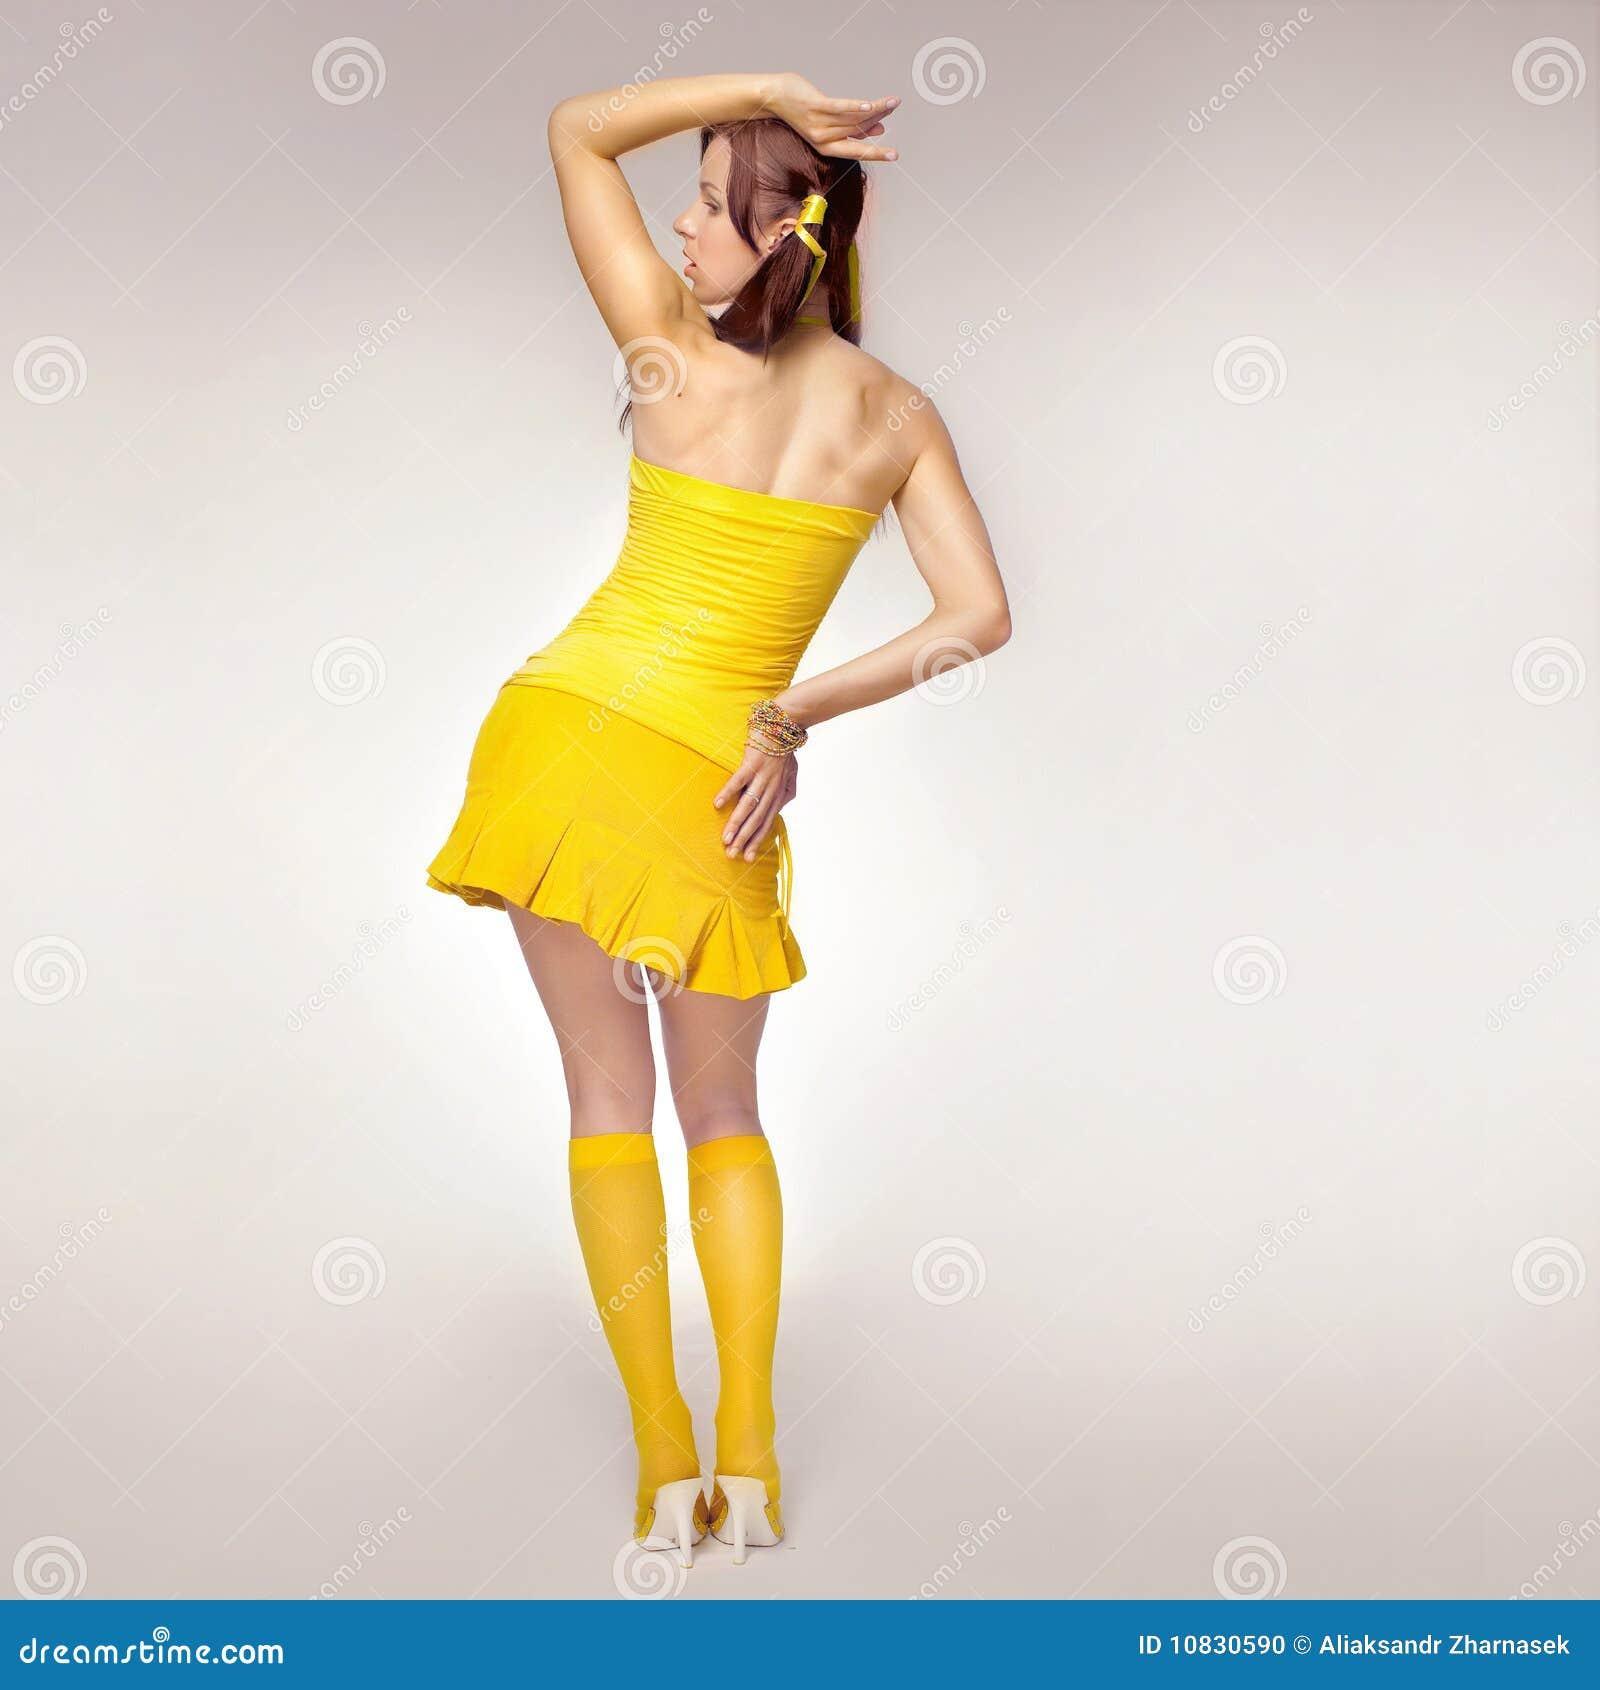 naturel sex yellow girl